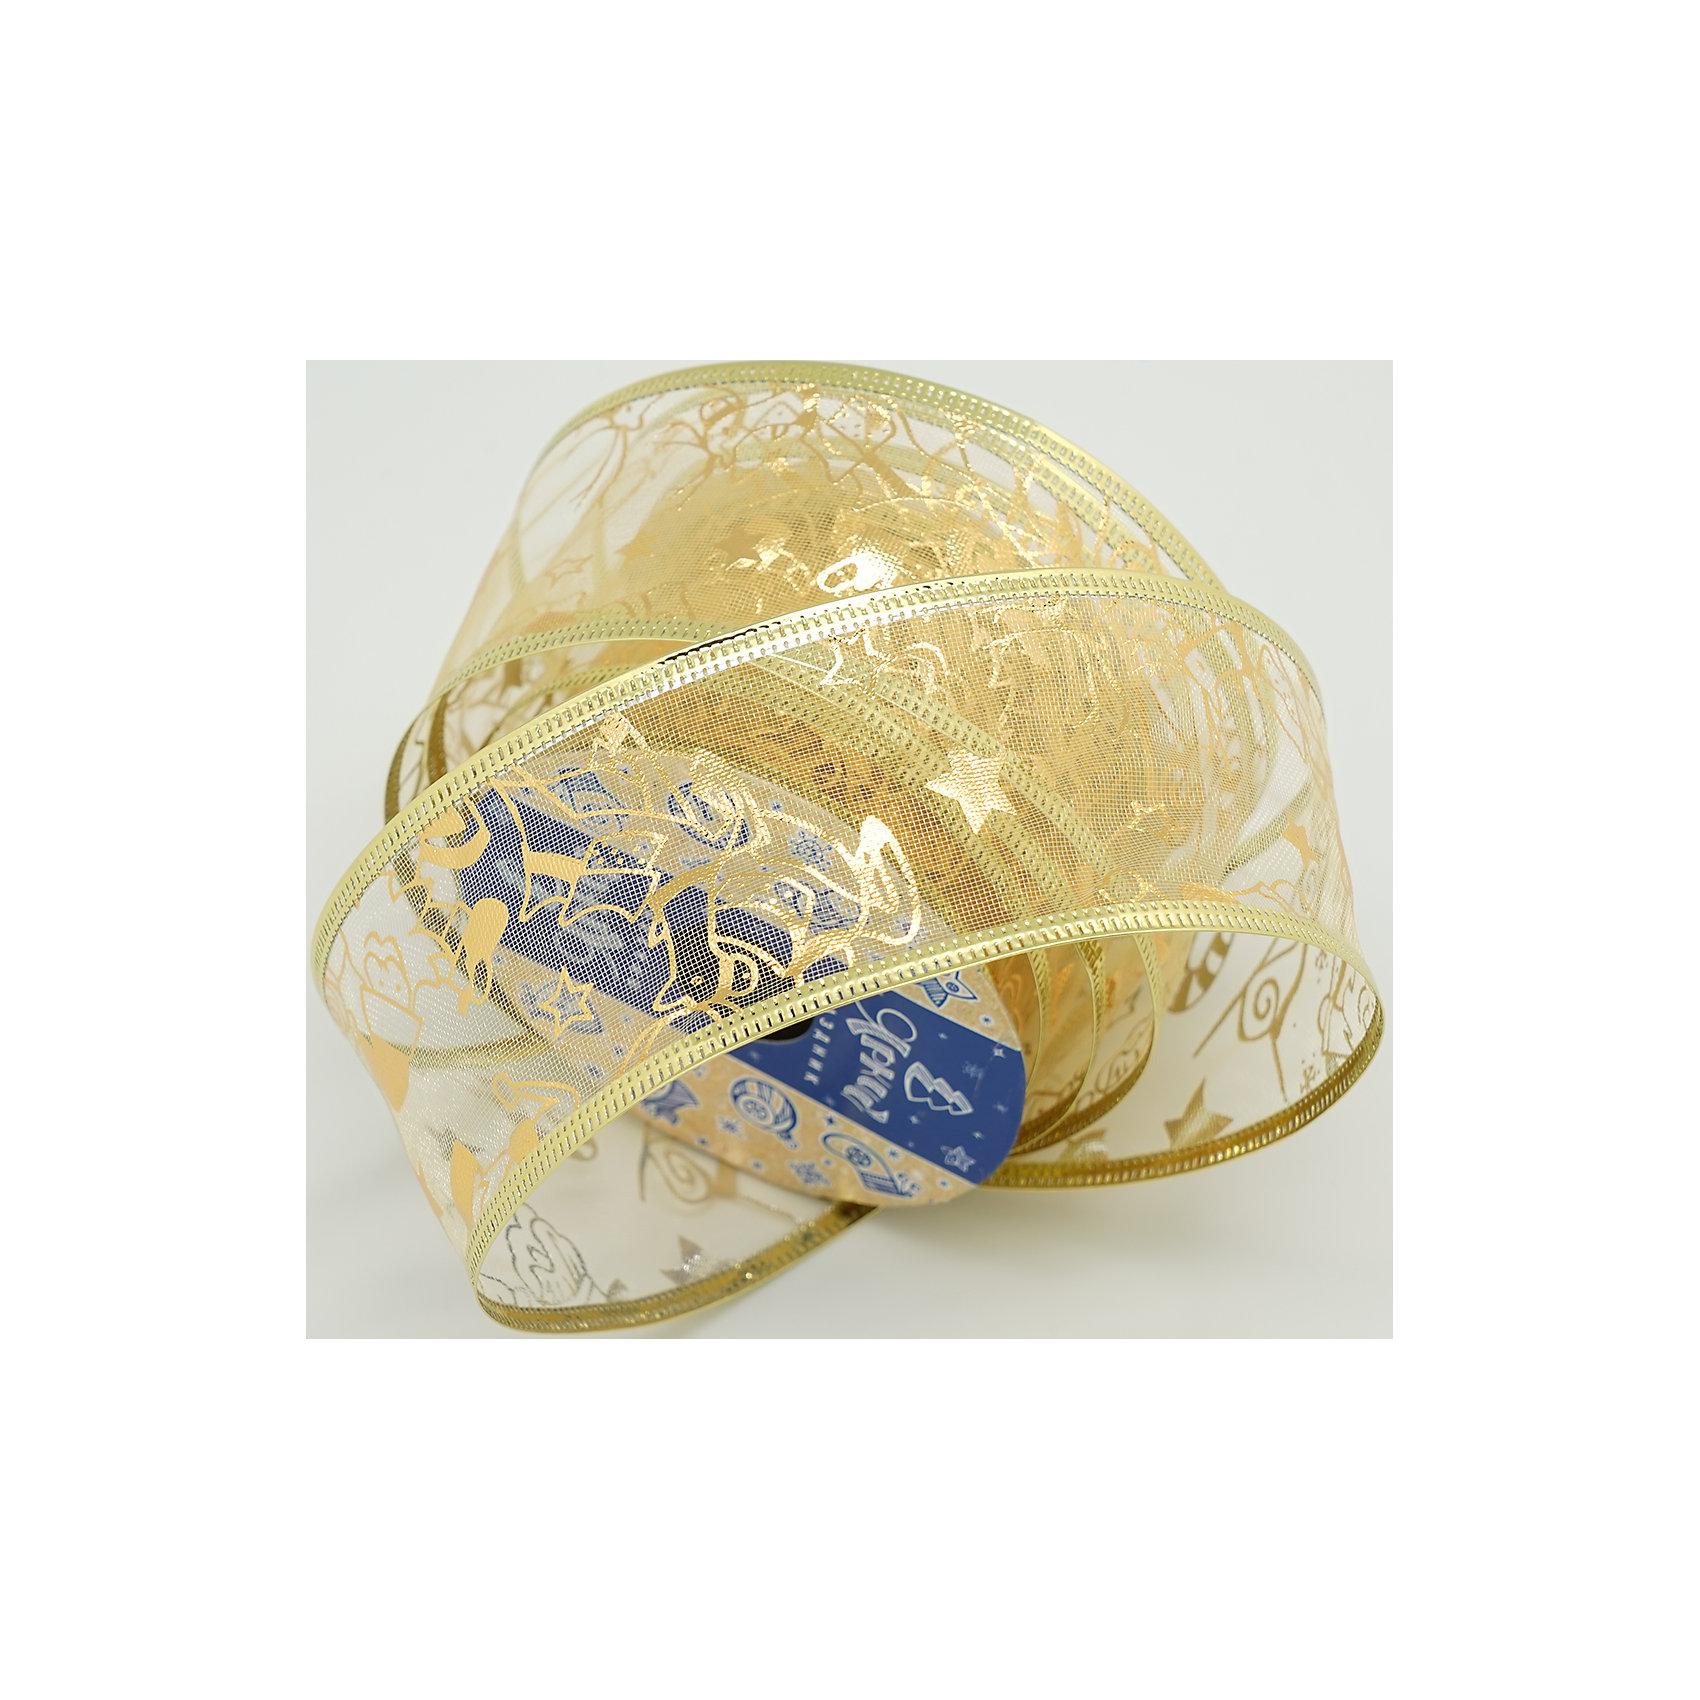 Декоративная лента золотая (0,08Х0,08Х0,05м)Характеристики товара:<br><br>• цвет: золотистый<br>• ширина: 5 см<br>• размер упаковки: 8х8х5 см<br>• комплектация: 1 рулон<br>• материал: нейлон<br>• полупрозрачная<br>• для украшения интерьера или подарков<br>• страна производства: Китай<br><br>Бант из ленты - это универсальное украшение, он добавит торжественности и духа праздника прическе, интерьеру, подарочной упаковке, ёлке! Это украшение будет отлично смотреться в окружении любой цветовой гаммы, оно качественно выполнено и нарядно смотрится. С помощью такой ленты можно оригинально украсить ёлку к празднику и декорировать пакет или коробку с подарком.<br>Такие небольшие детали и создают праздник! От них во многом зависит хорошее новогоднее настроение. Изделие производится из качественных сертифицированных материалов, безопасных даже для самых маленьких.<br><br>Декоративную ленту (0,08Х0,08Х0,05м) можно купить в нашем интернет-магазине.<br><br>Ширина мм: 80<br>Глубина мм: 80<br>Высота мм: 50<br>Вес г: 70<br>Возраст от месяцев: 72<br>Возраст до месяцев: 480<br>Пол: Унисекс<br>Возраст: Детский<br>SKU: 5051643